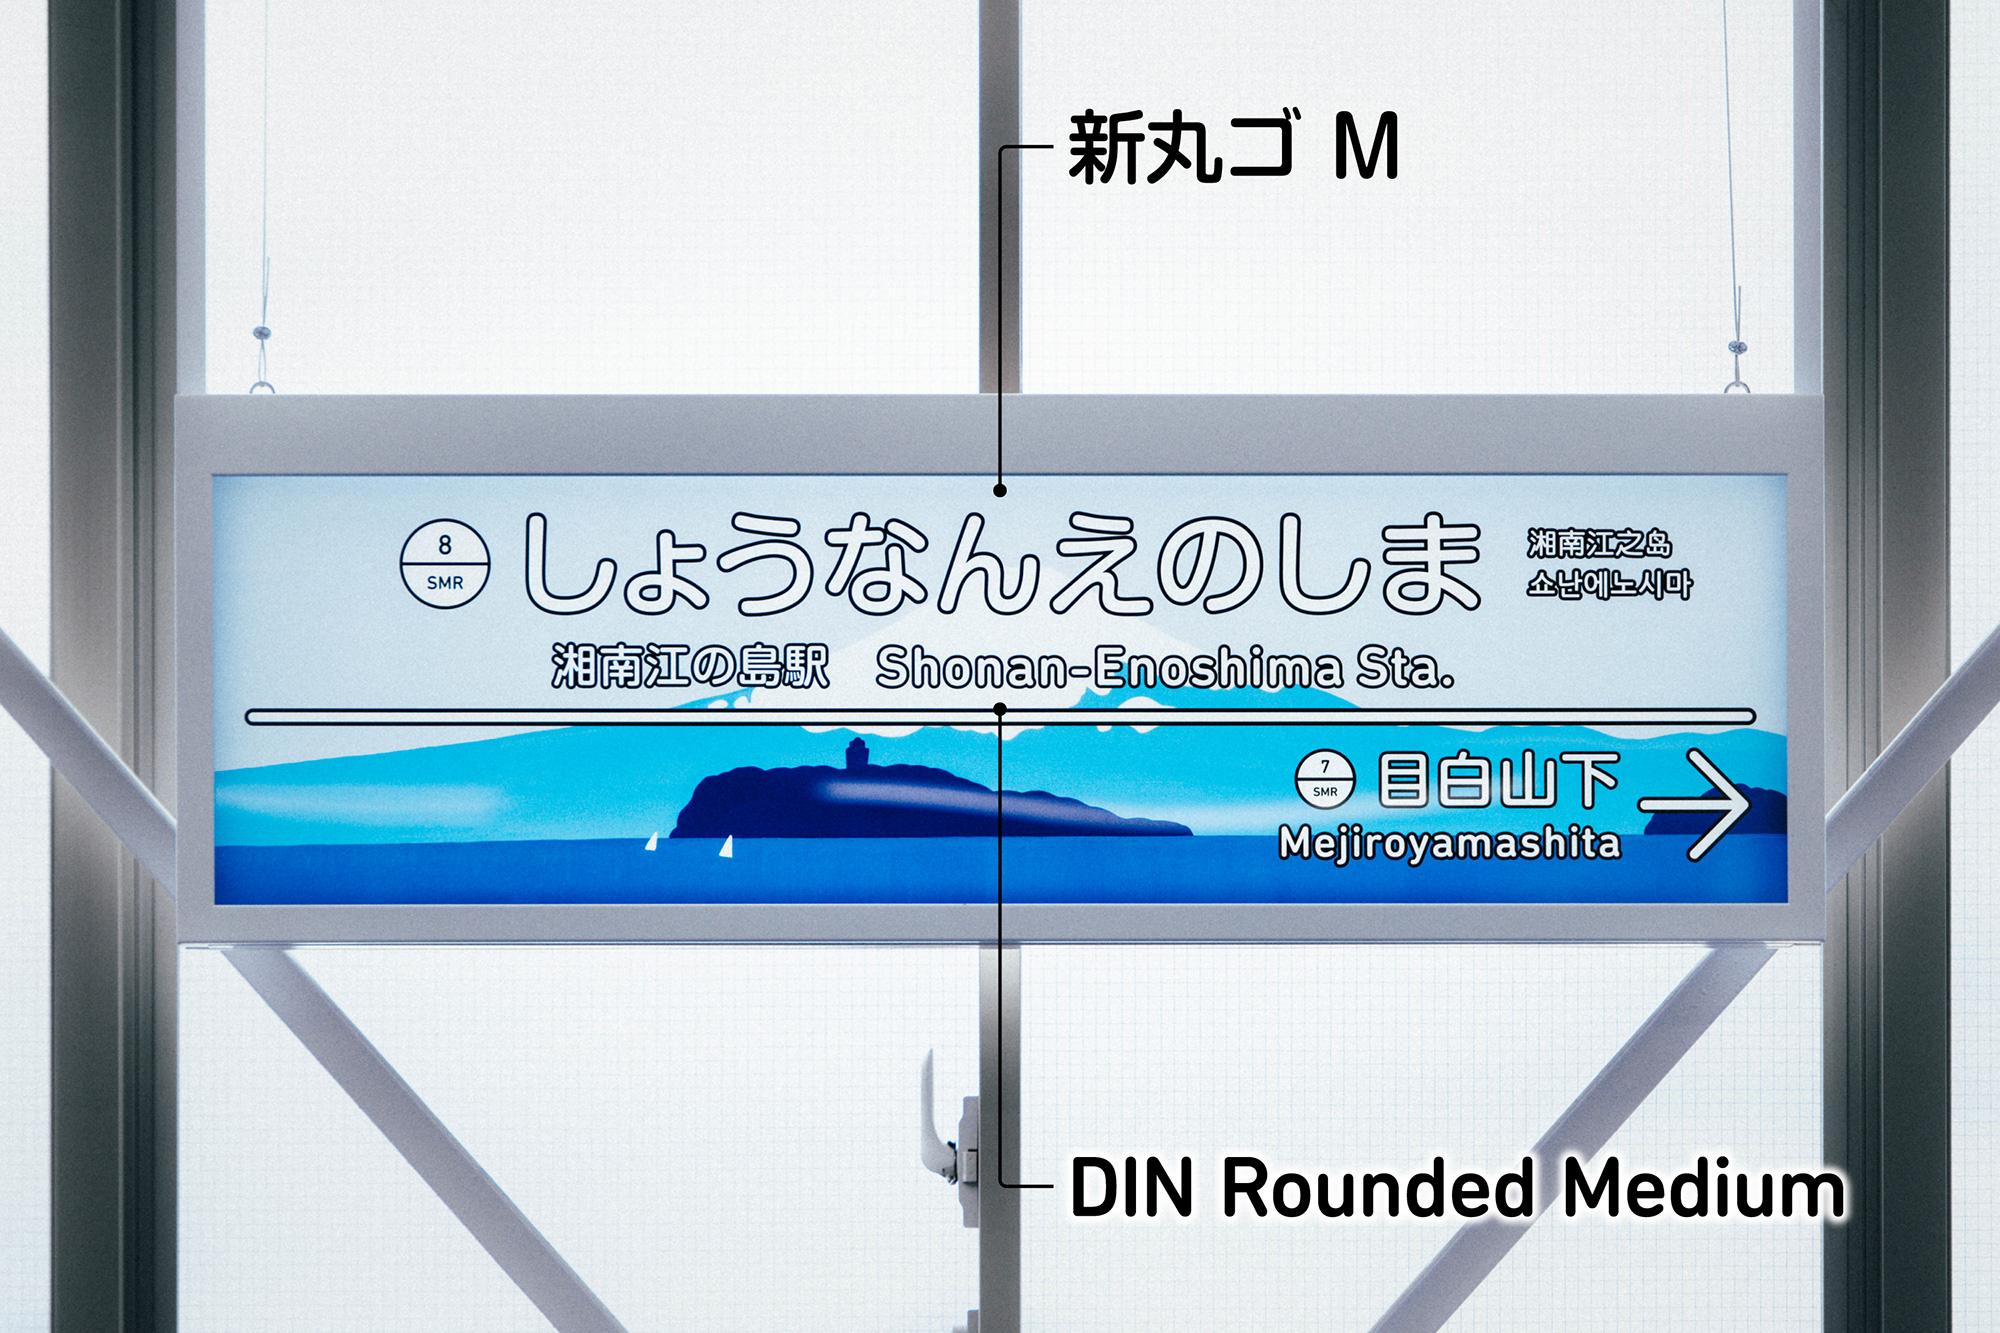 湘南江の島駅に新しい駅名標が登場